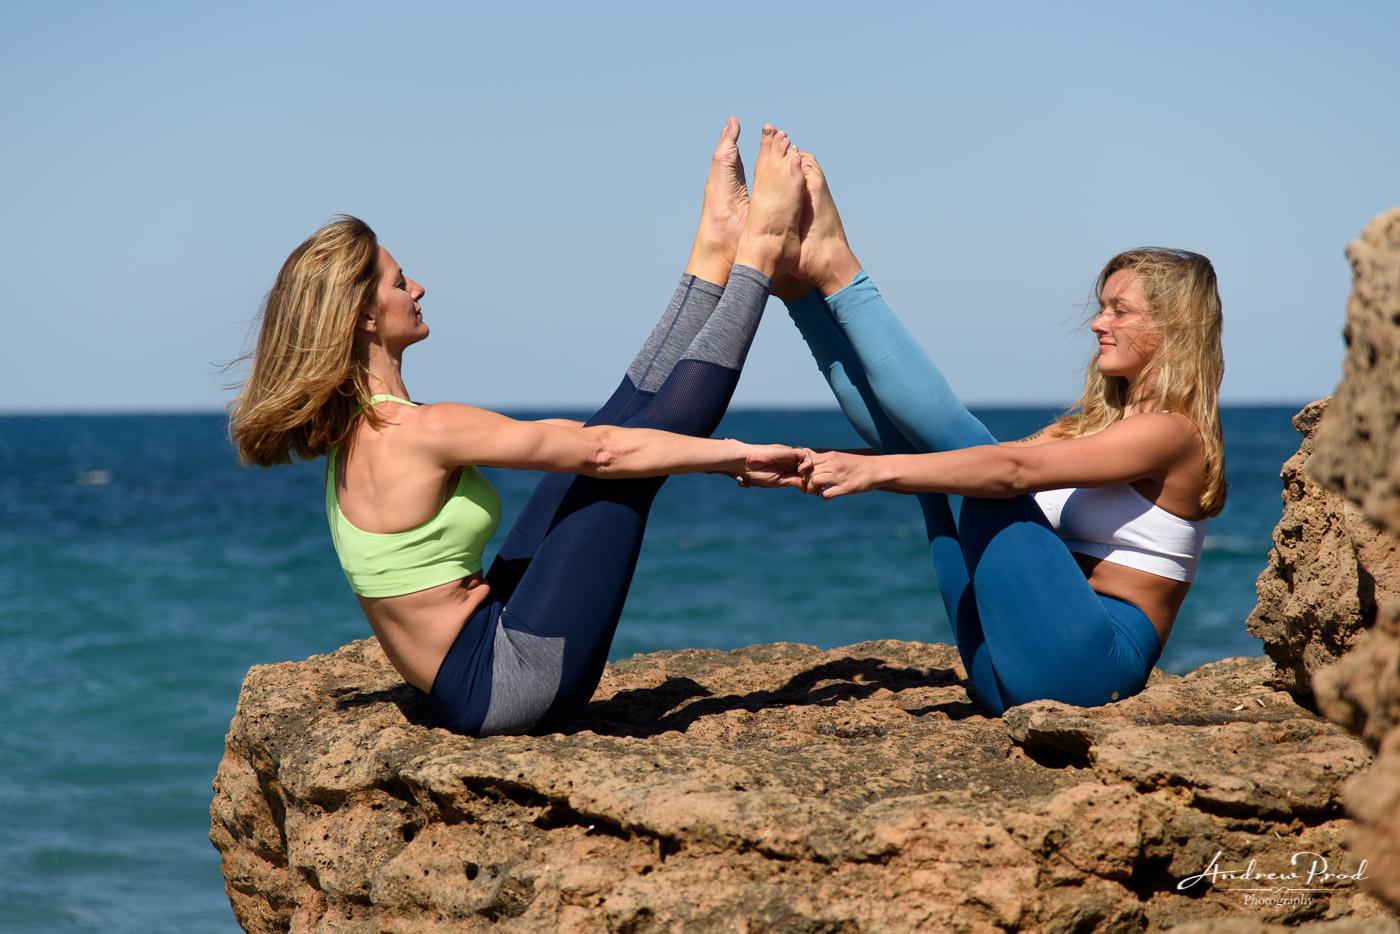 Ibiza yogi